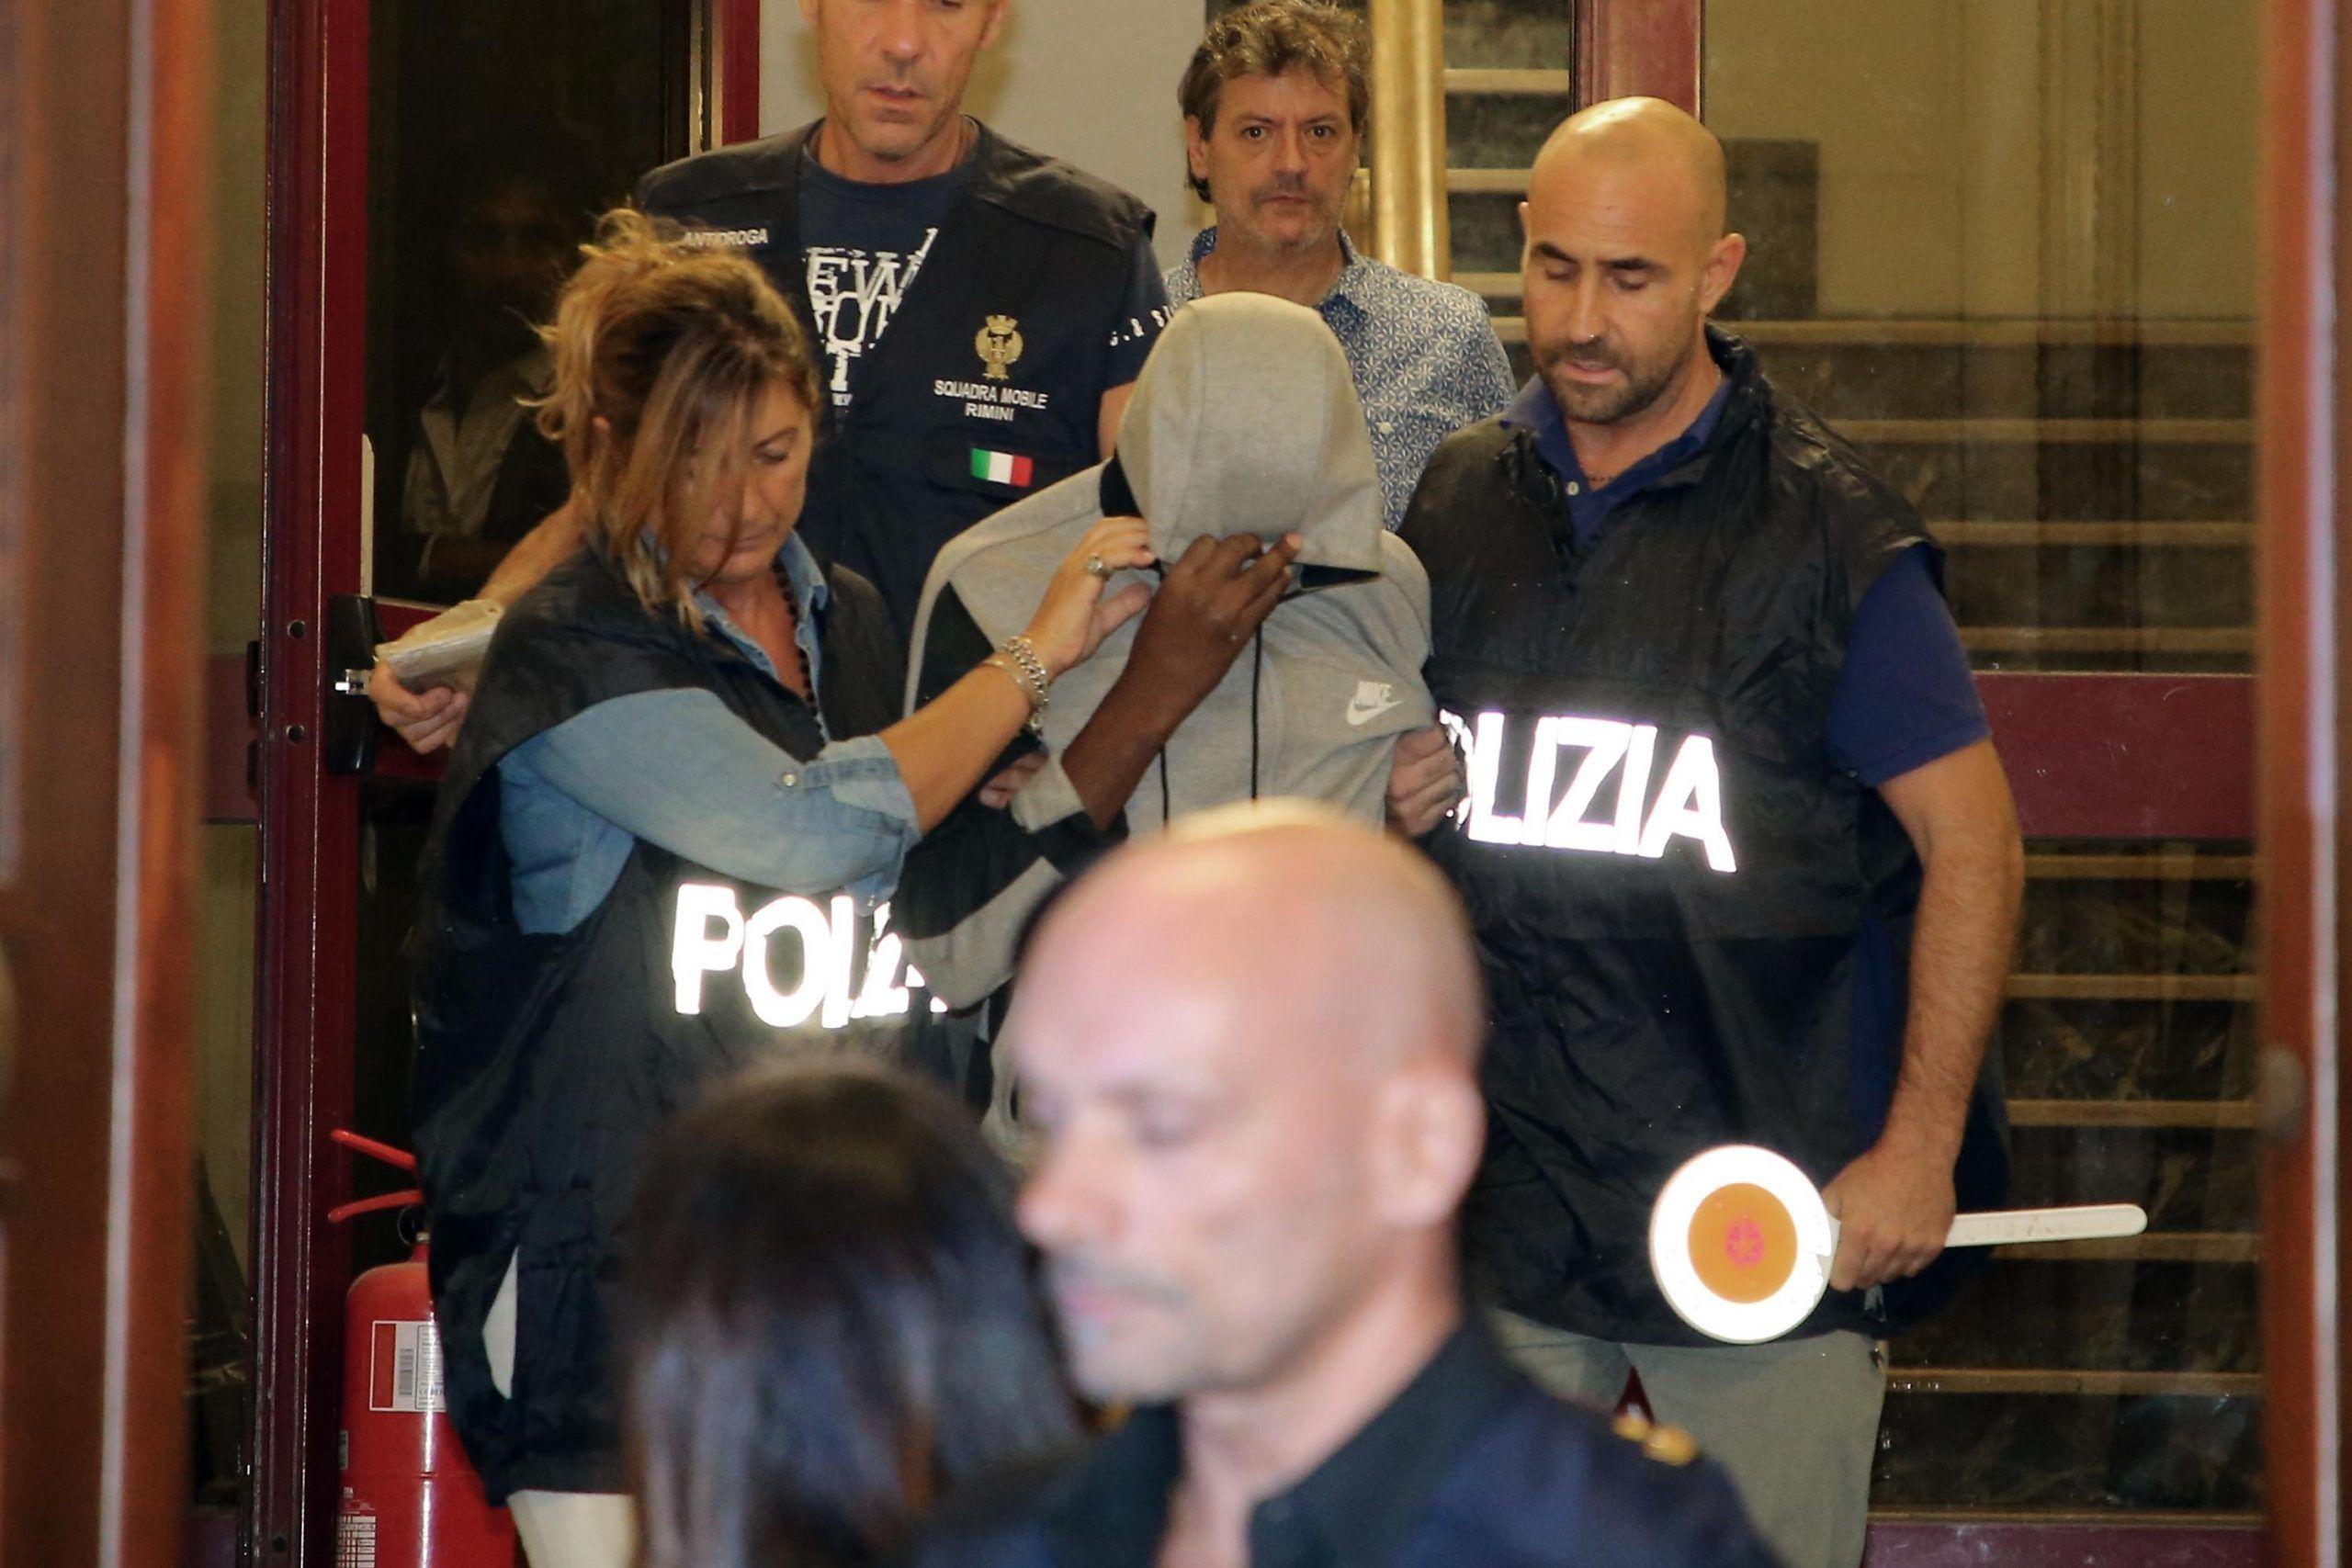 Stupri Rimini: presi 3 su 4, il branco è giovanissimo